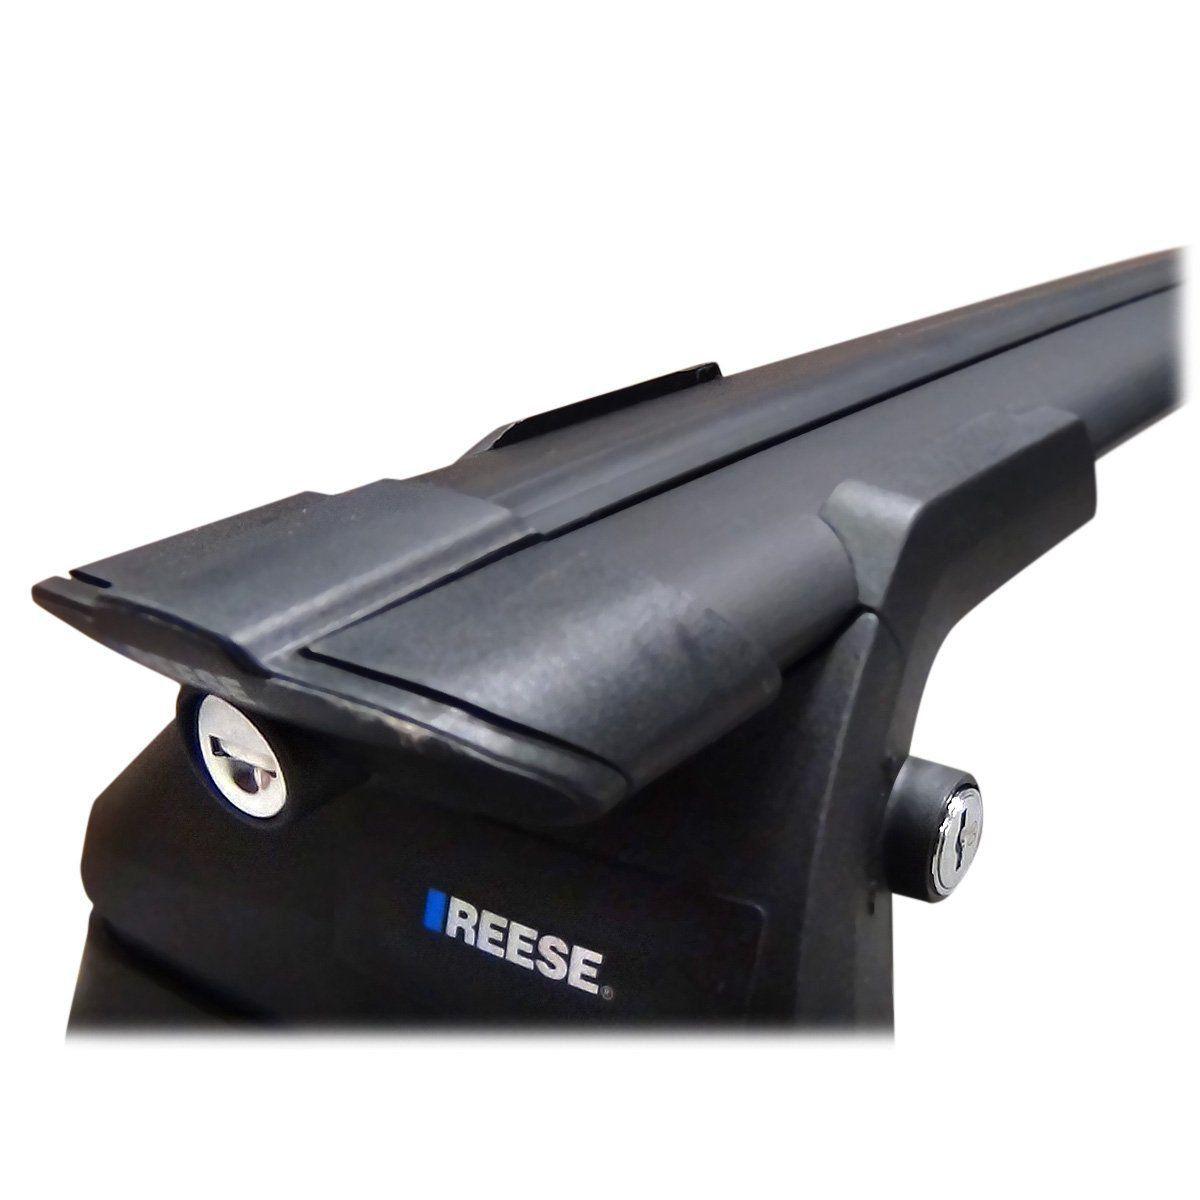 Rack de Teto Bagageiro Honda HR-V Preto Reese Premium